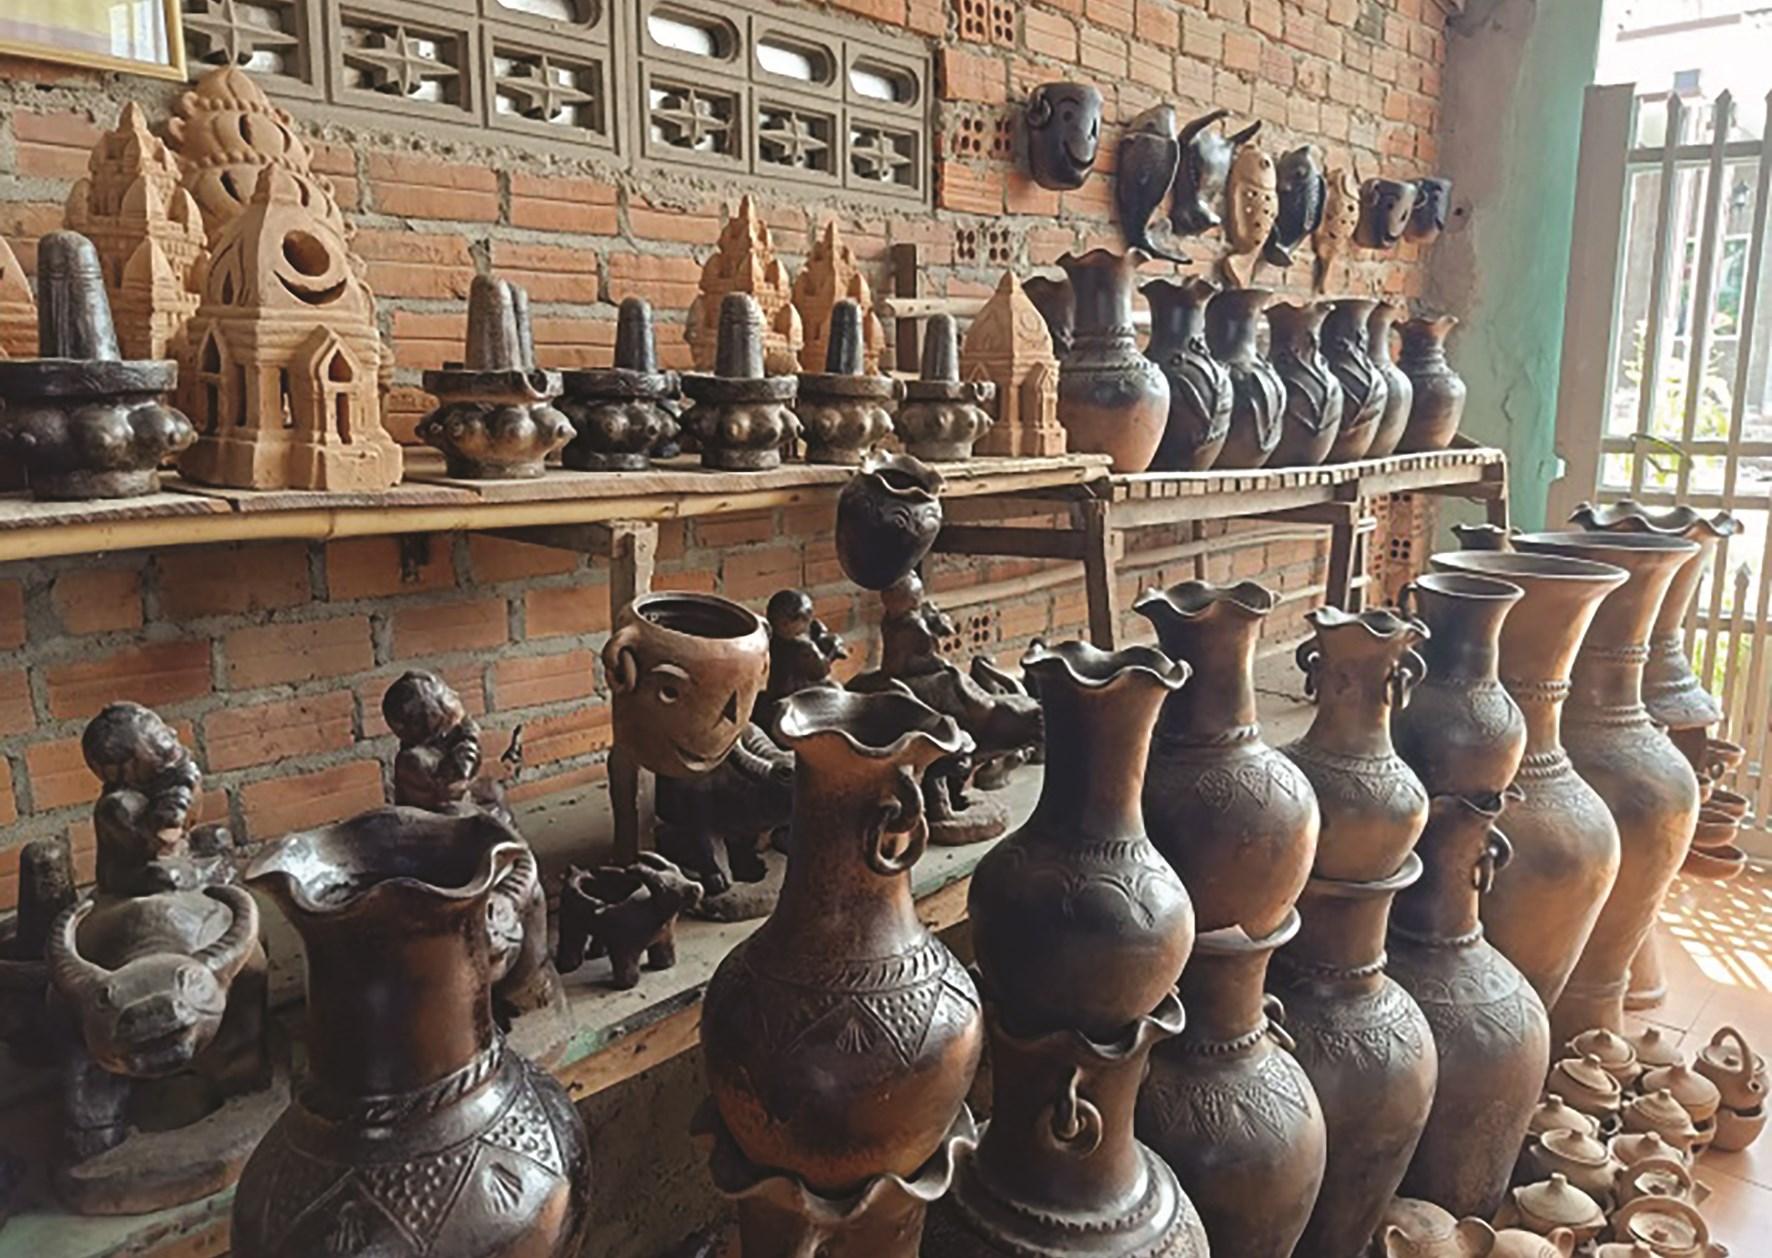 Các sản phẩm gốm của làng gốm Bàu Trúc